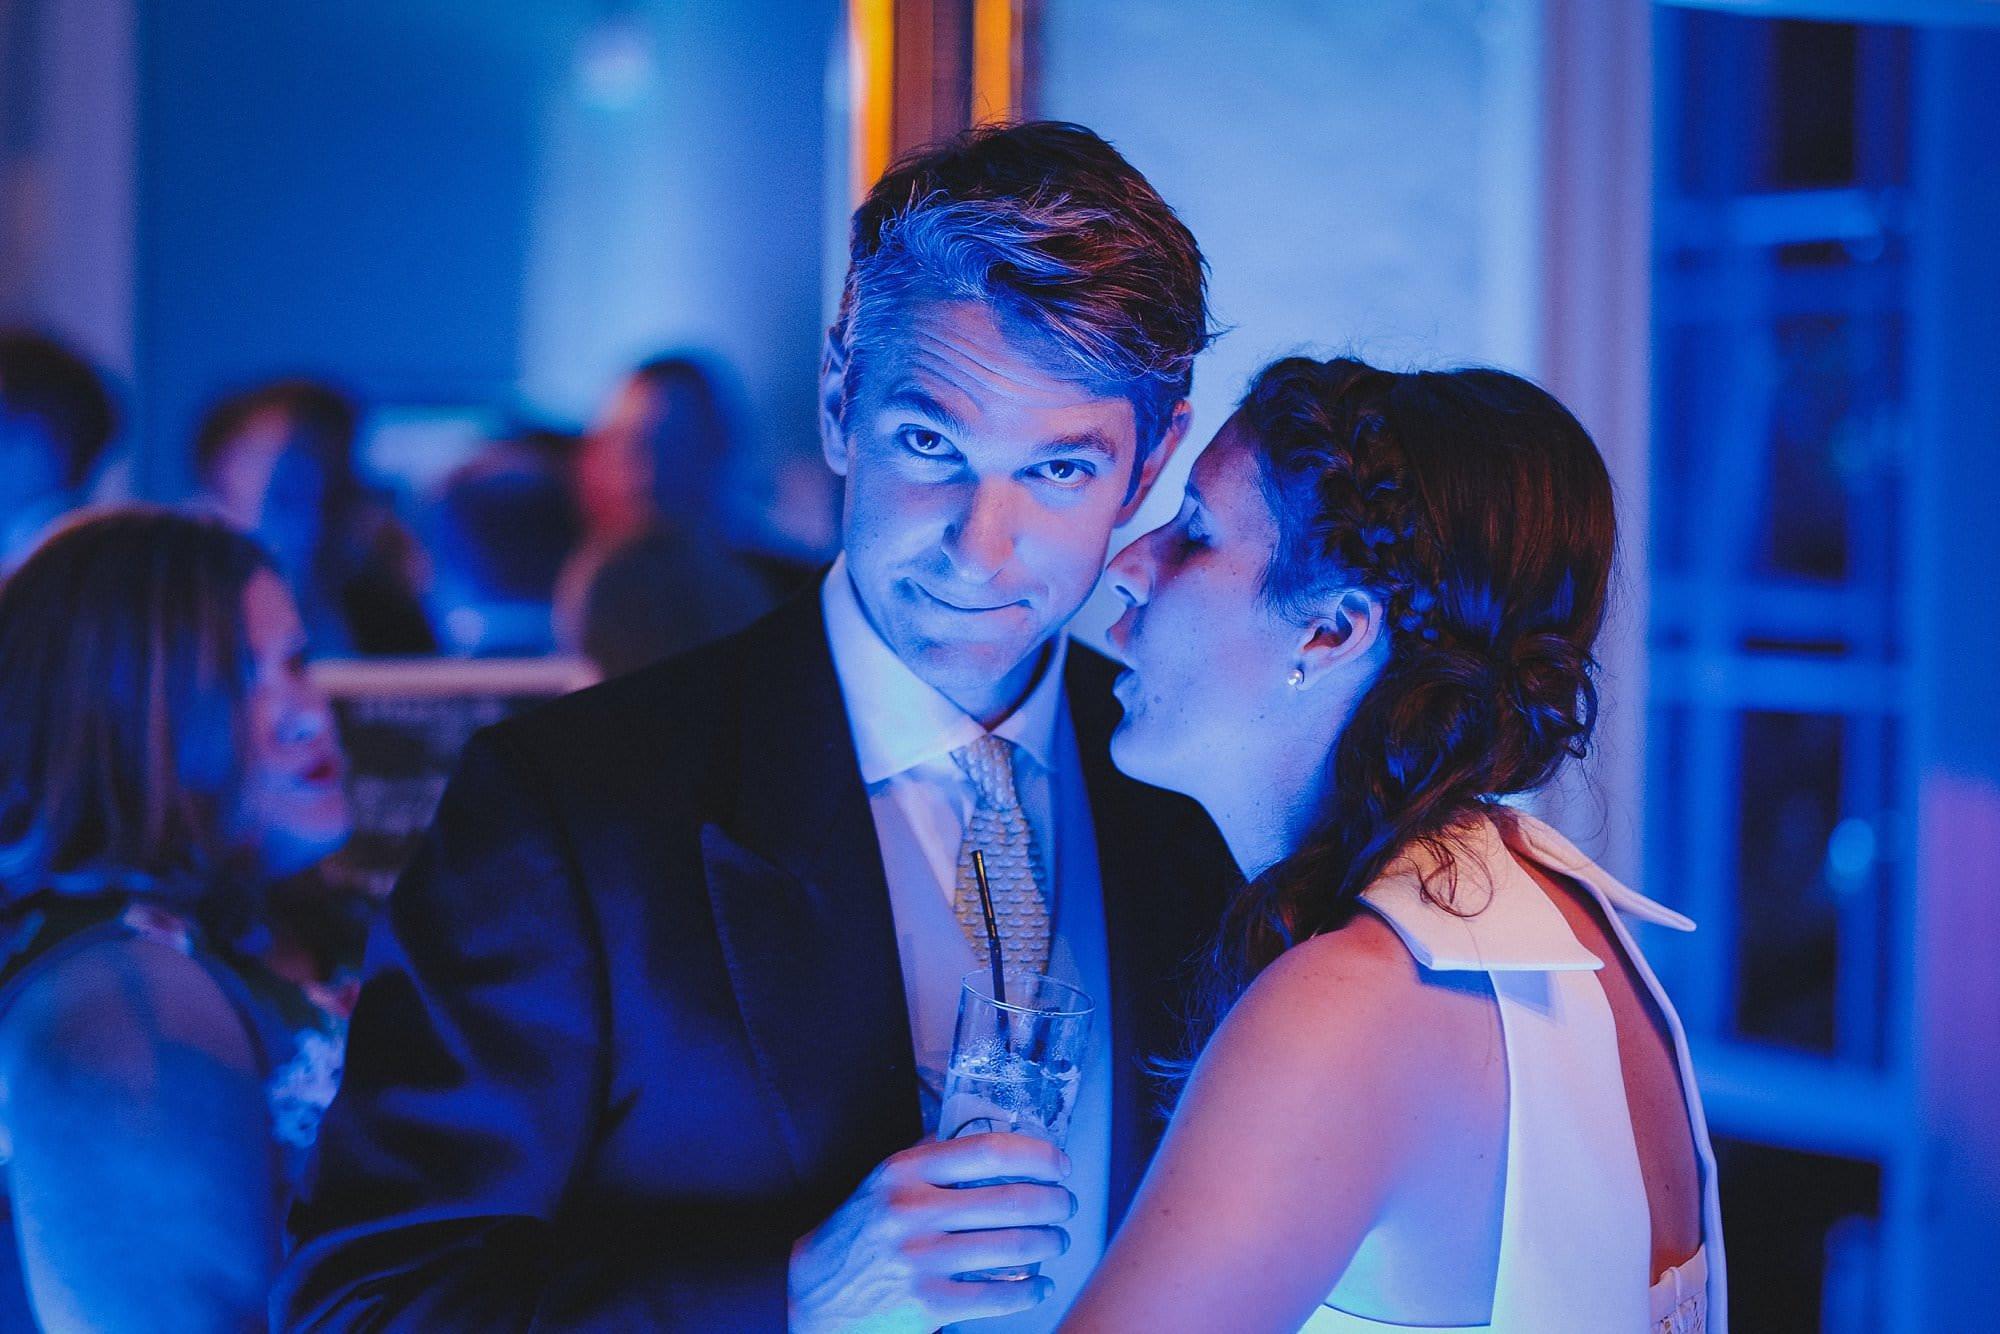 fulham palace wedding photographer 087 - Rosanna & Duncan's Fulham Palace Wedding